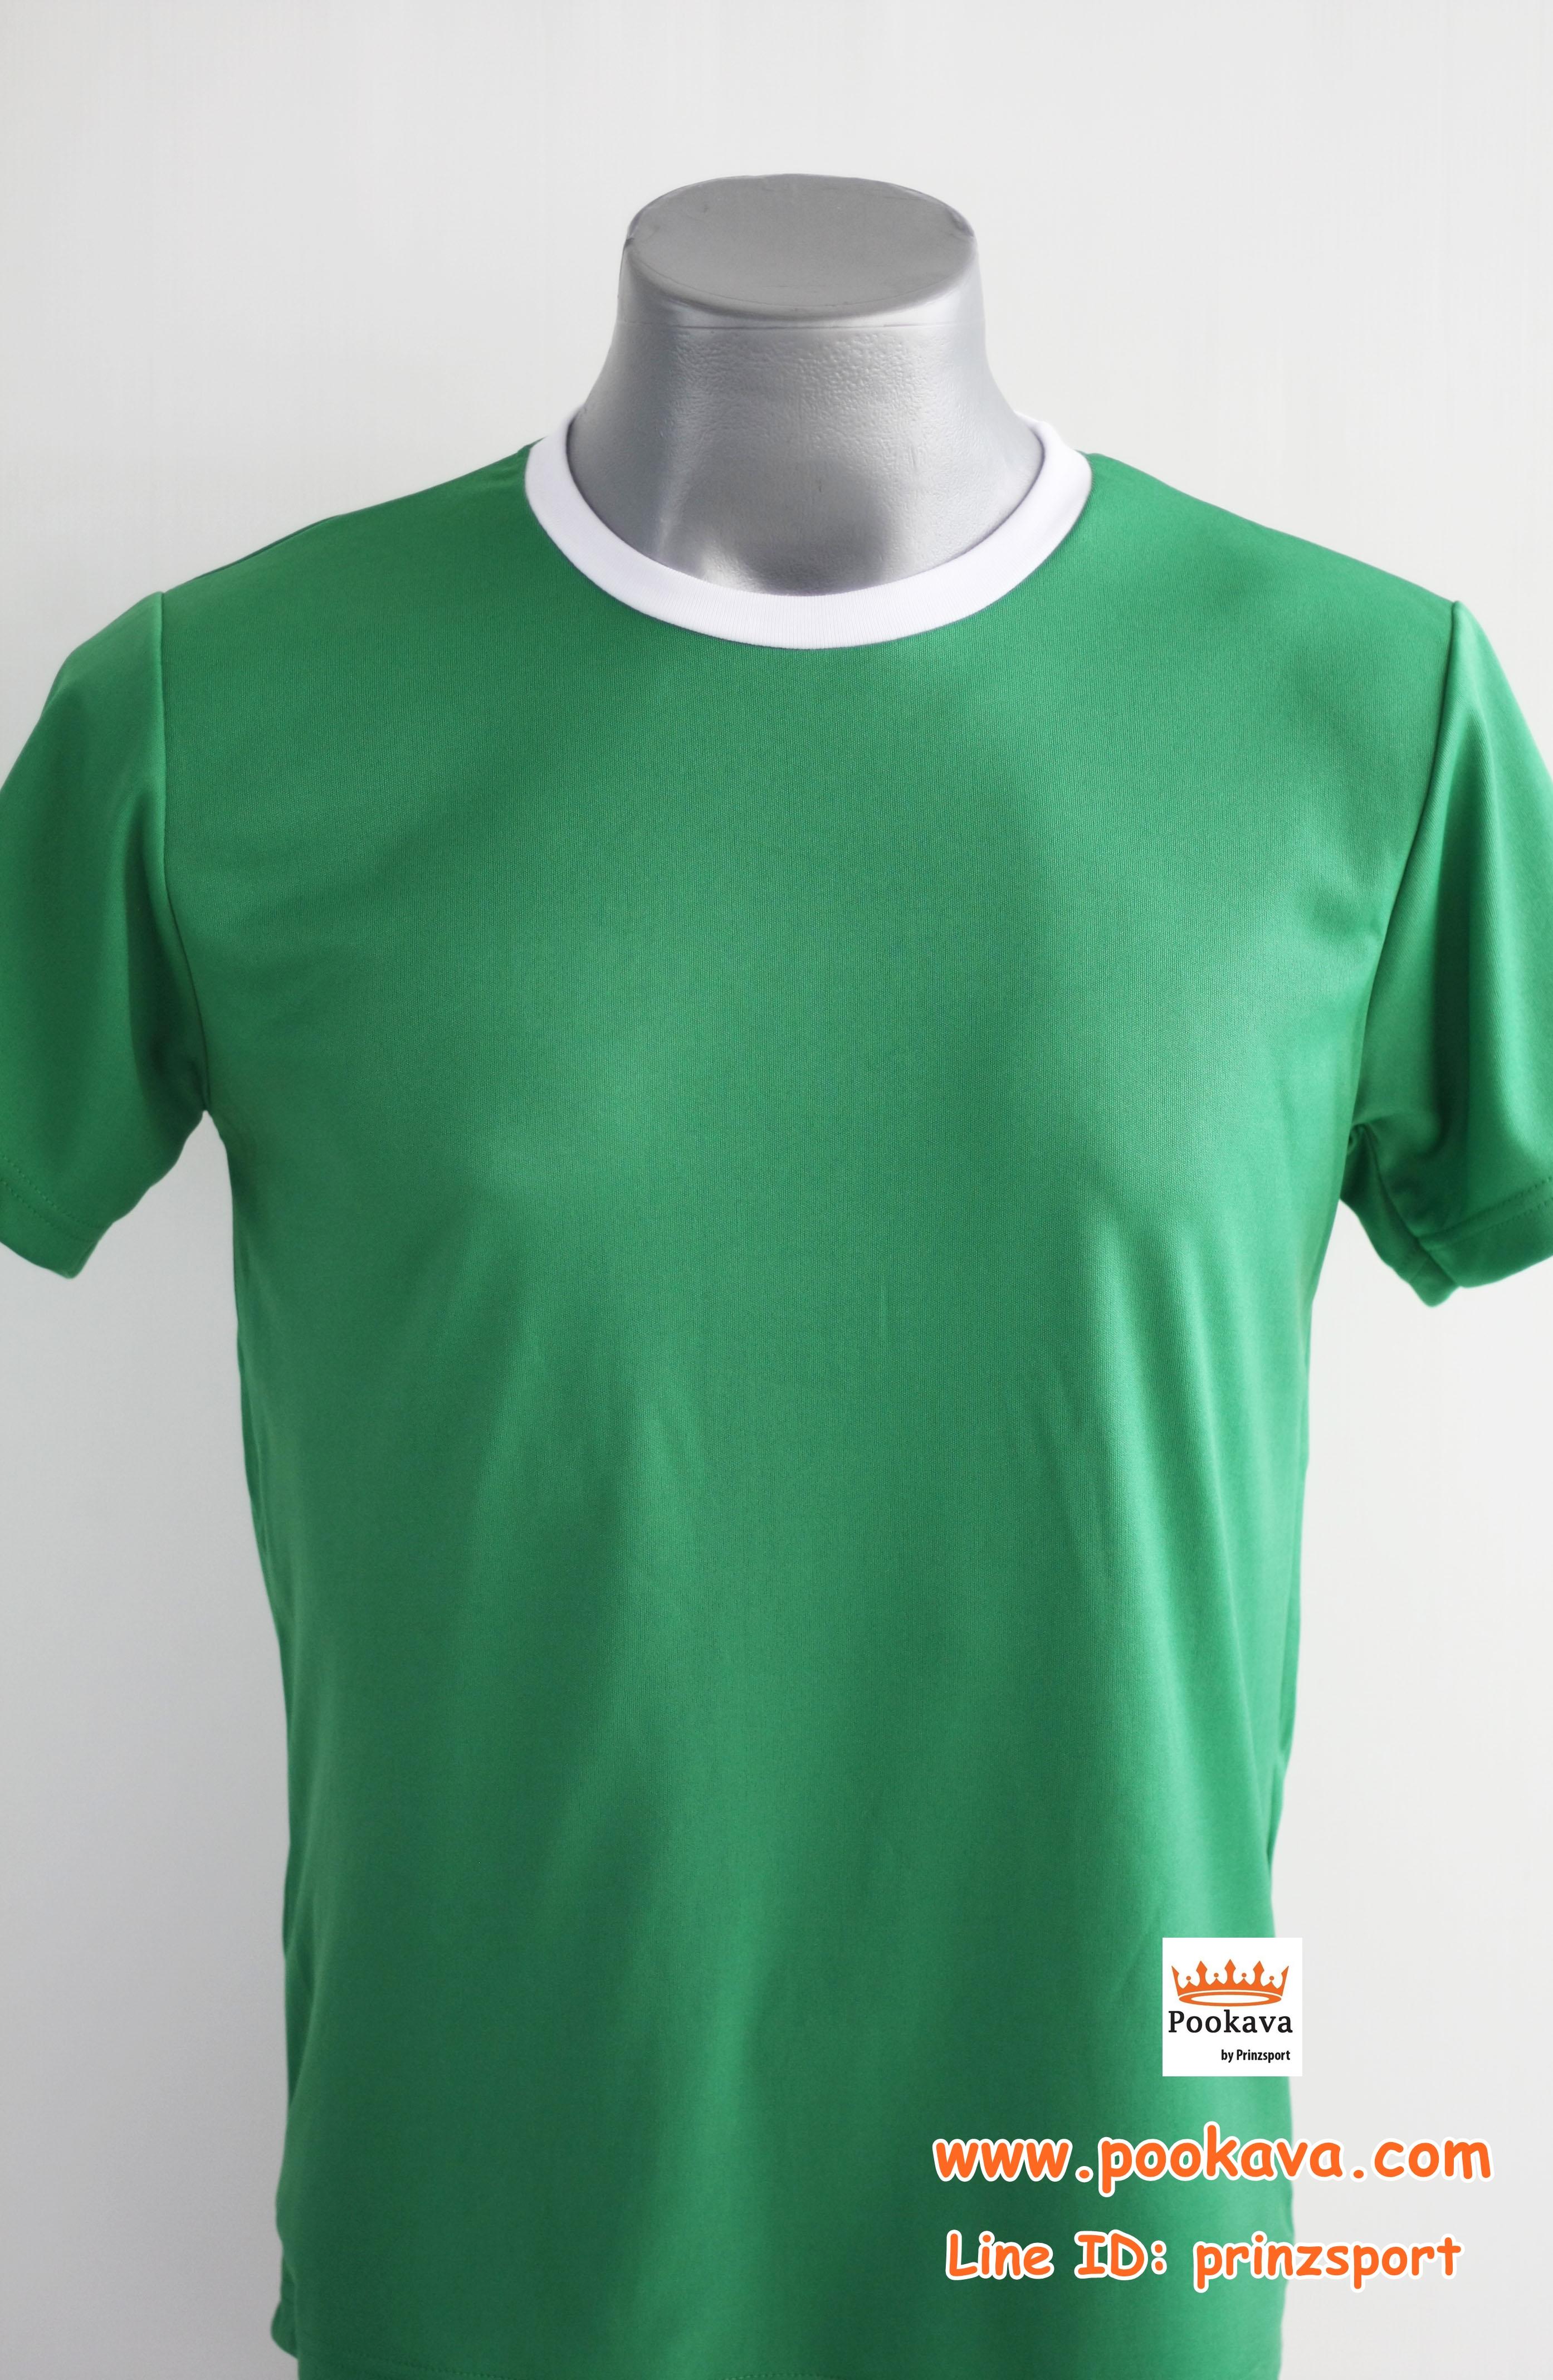 ขายส่ง ไซส์ S รอบอก 32 นิ้ว เสื้อกีฬาสีเขียว เสื้อกีฬาเปล่าผู้ใหญ่ เสื้อเปล่า